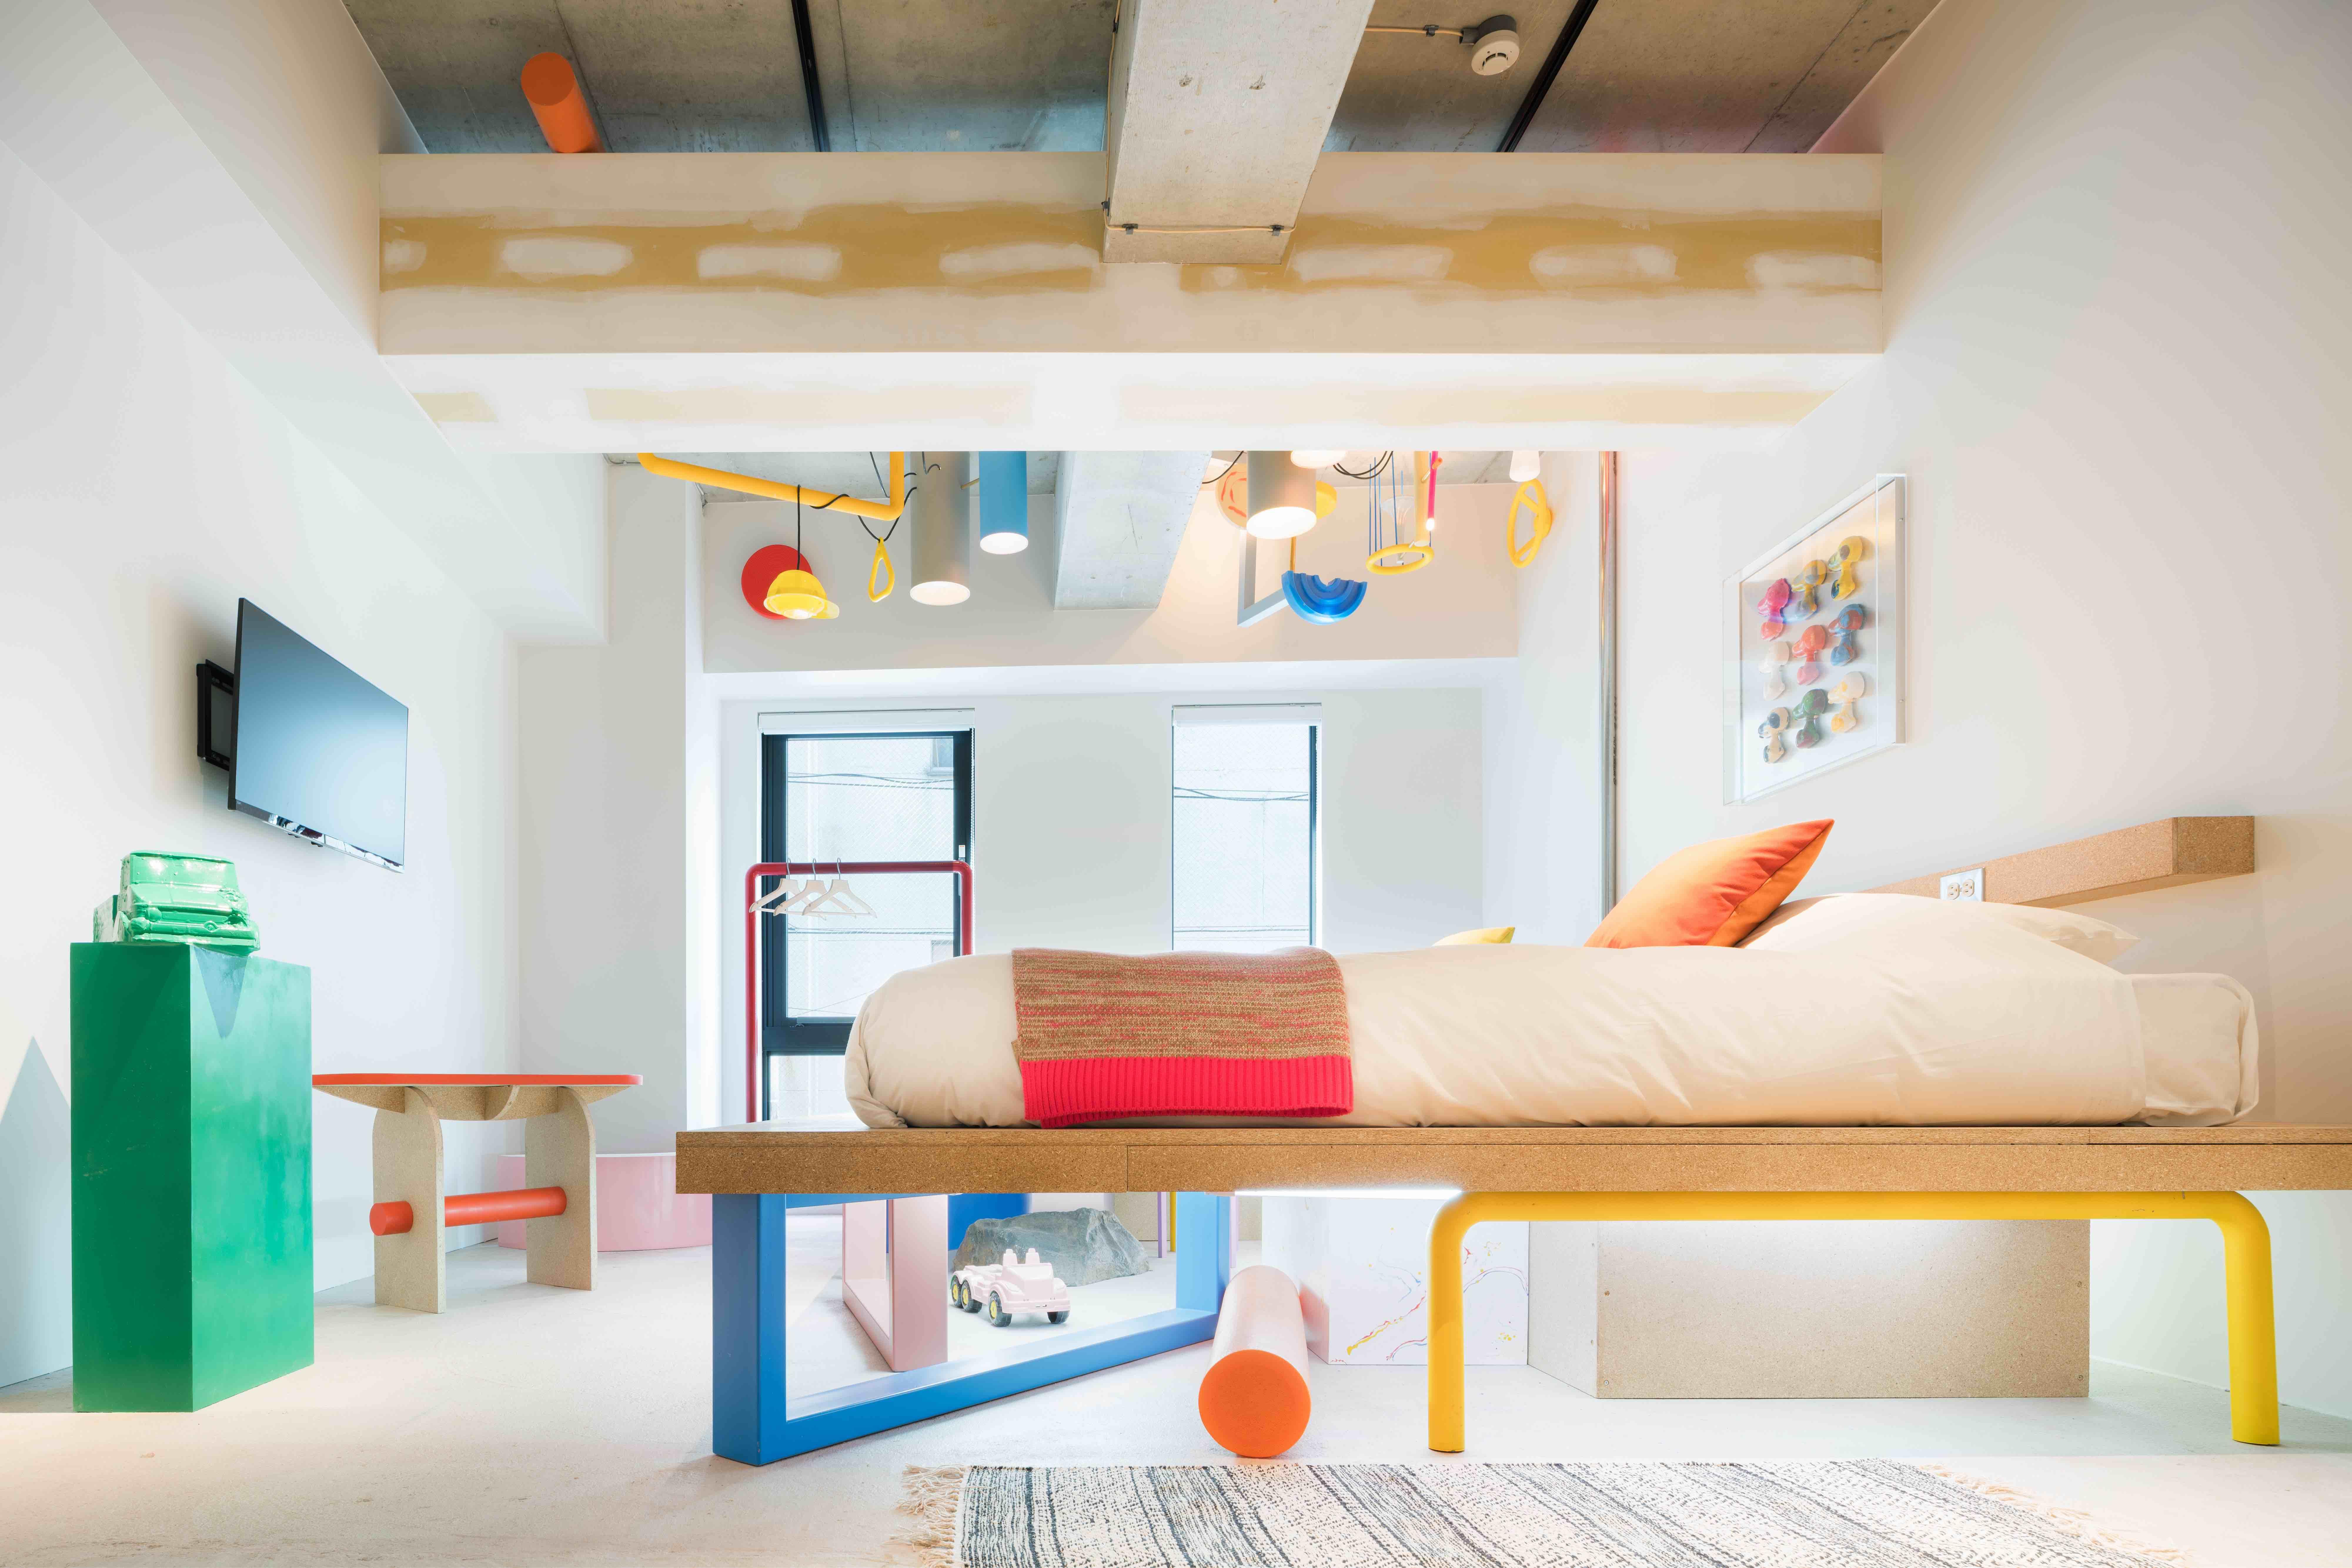 202 WONDER PARK,designed by Ryohei Murakami, BnA Akihabara, photo Tomooki Kengaku